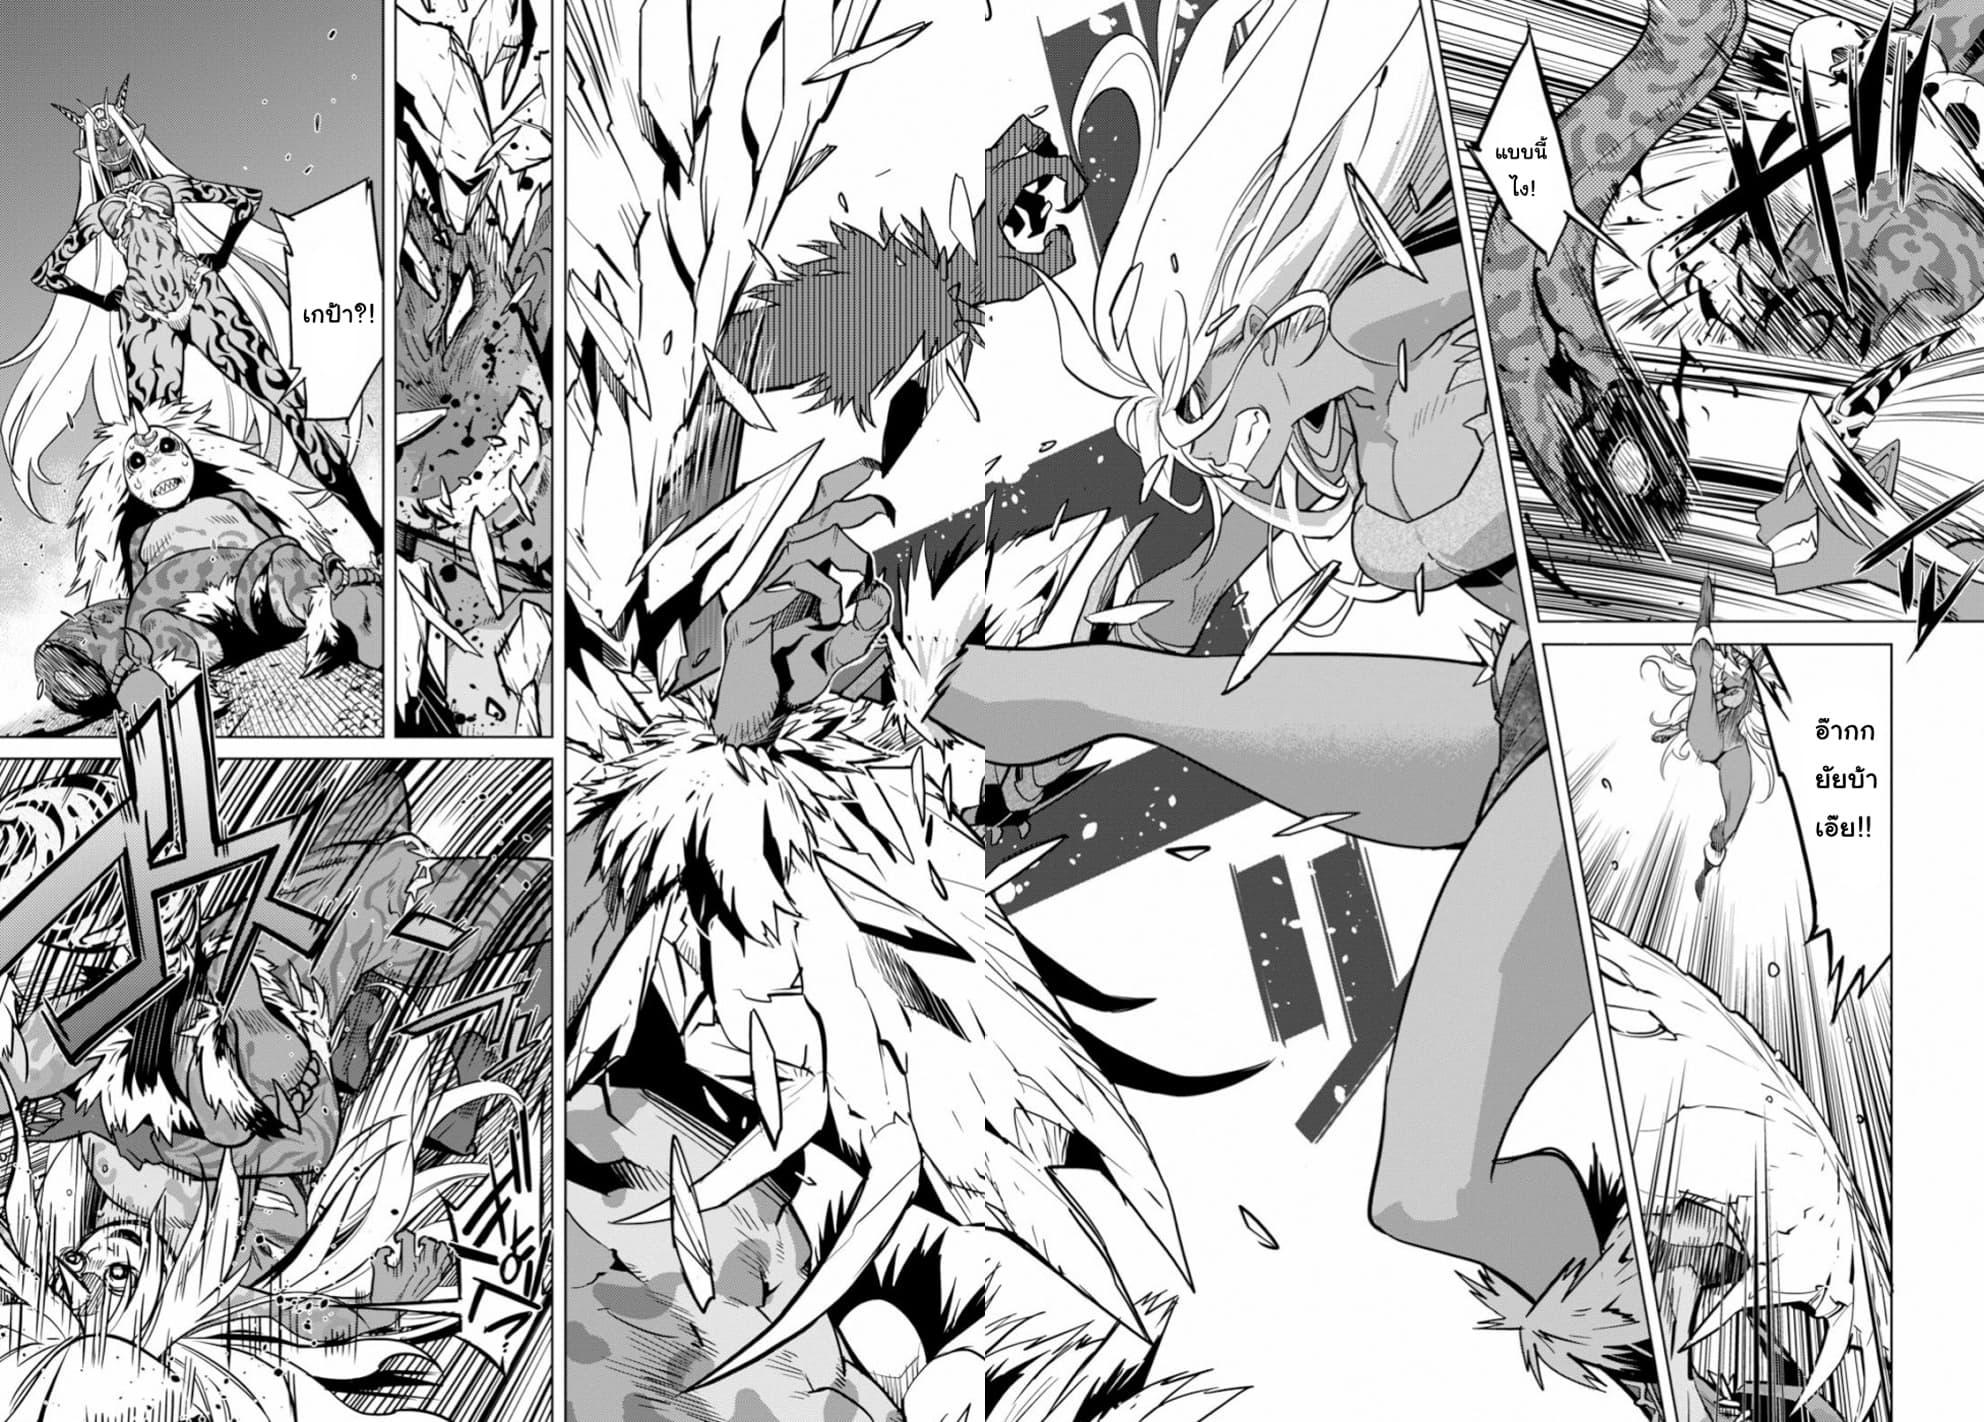 อ่านการ์ตูน Game obu Familia - Family Senki ตอนที่ 15 หน้าที่ 10